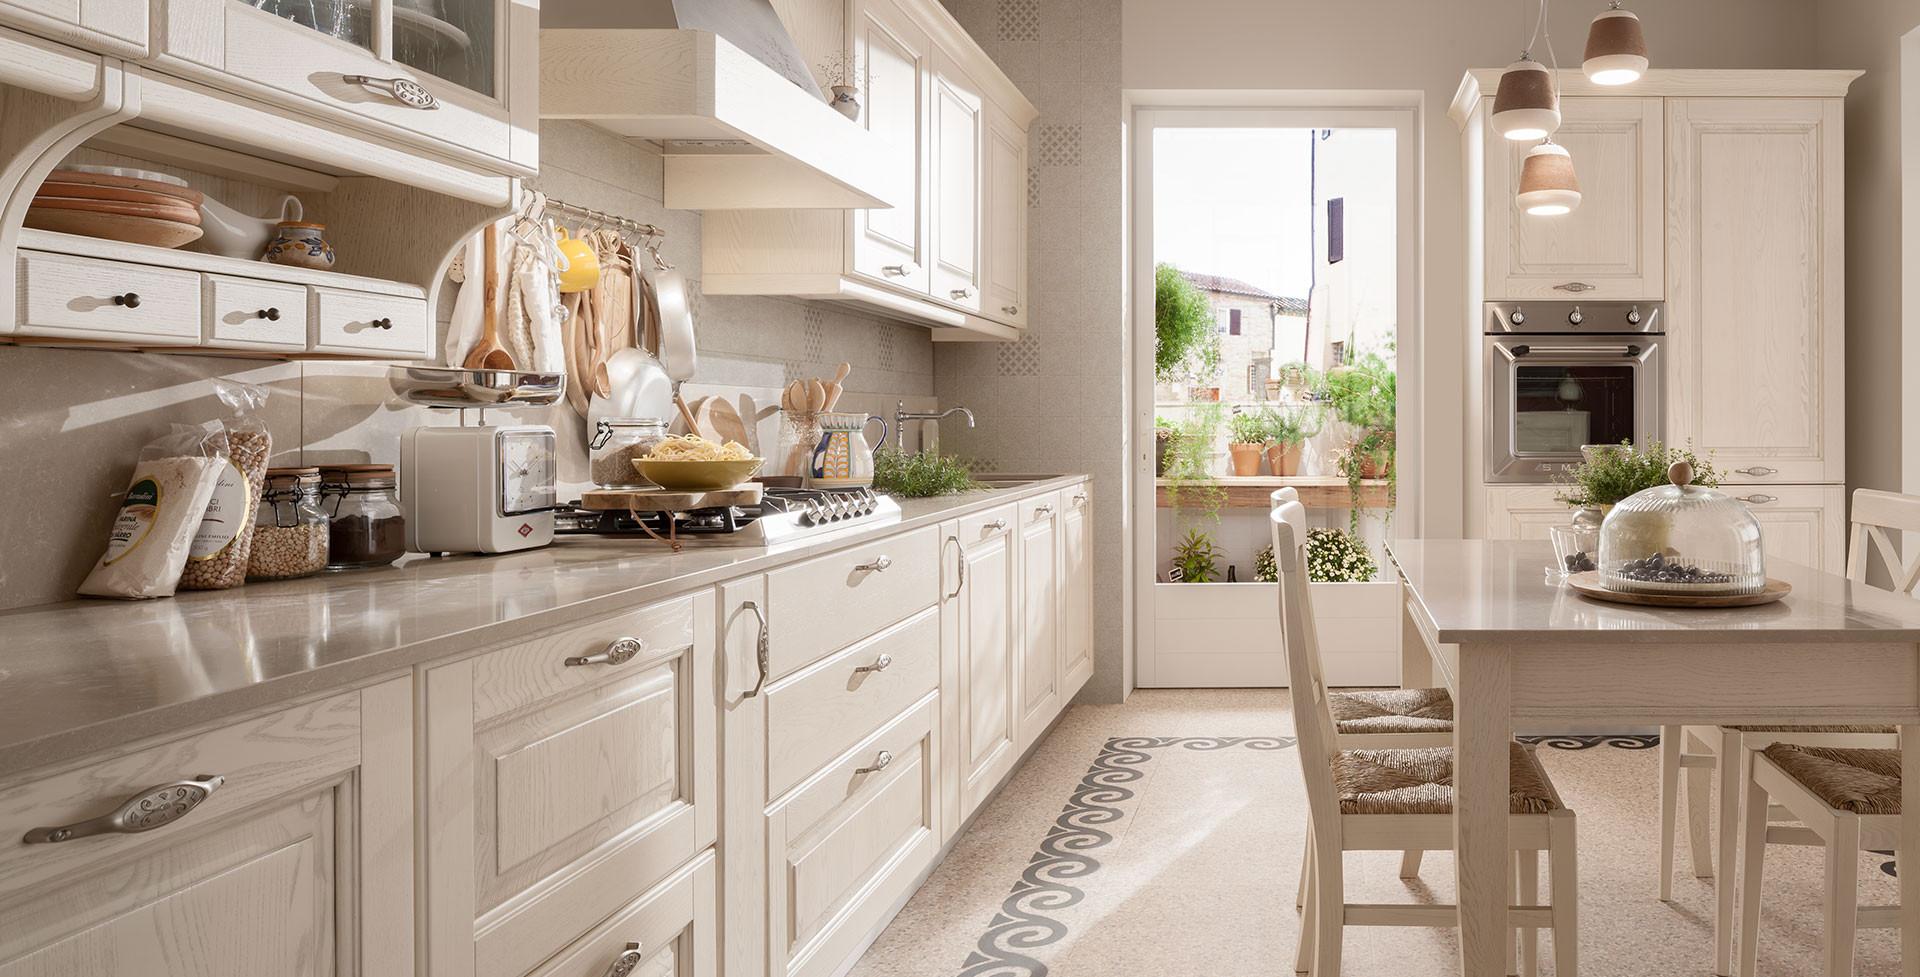 Cucina Bianca Moderna Con Tavolo Antico.Cucina Memory Veneta Cucine